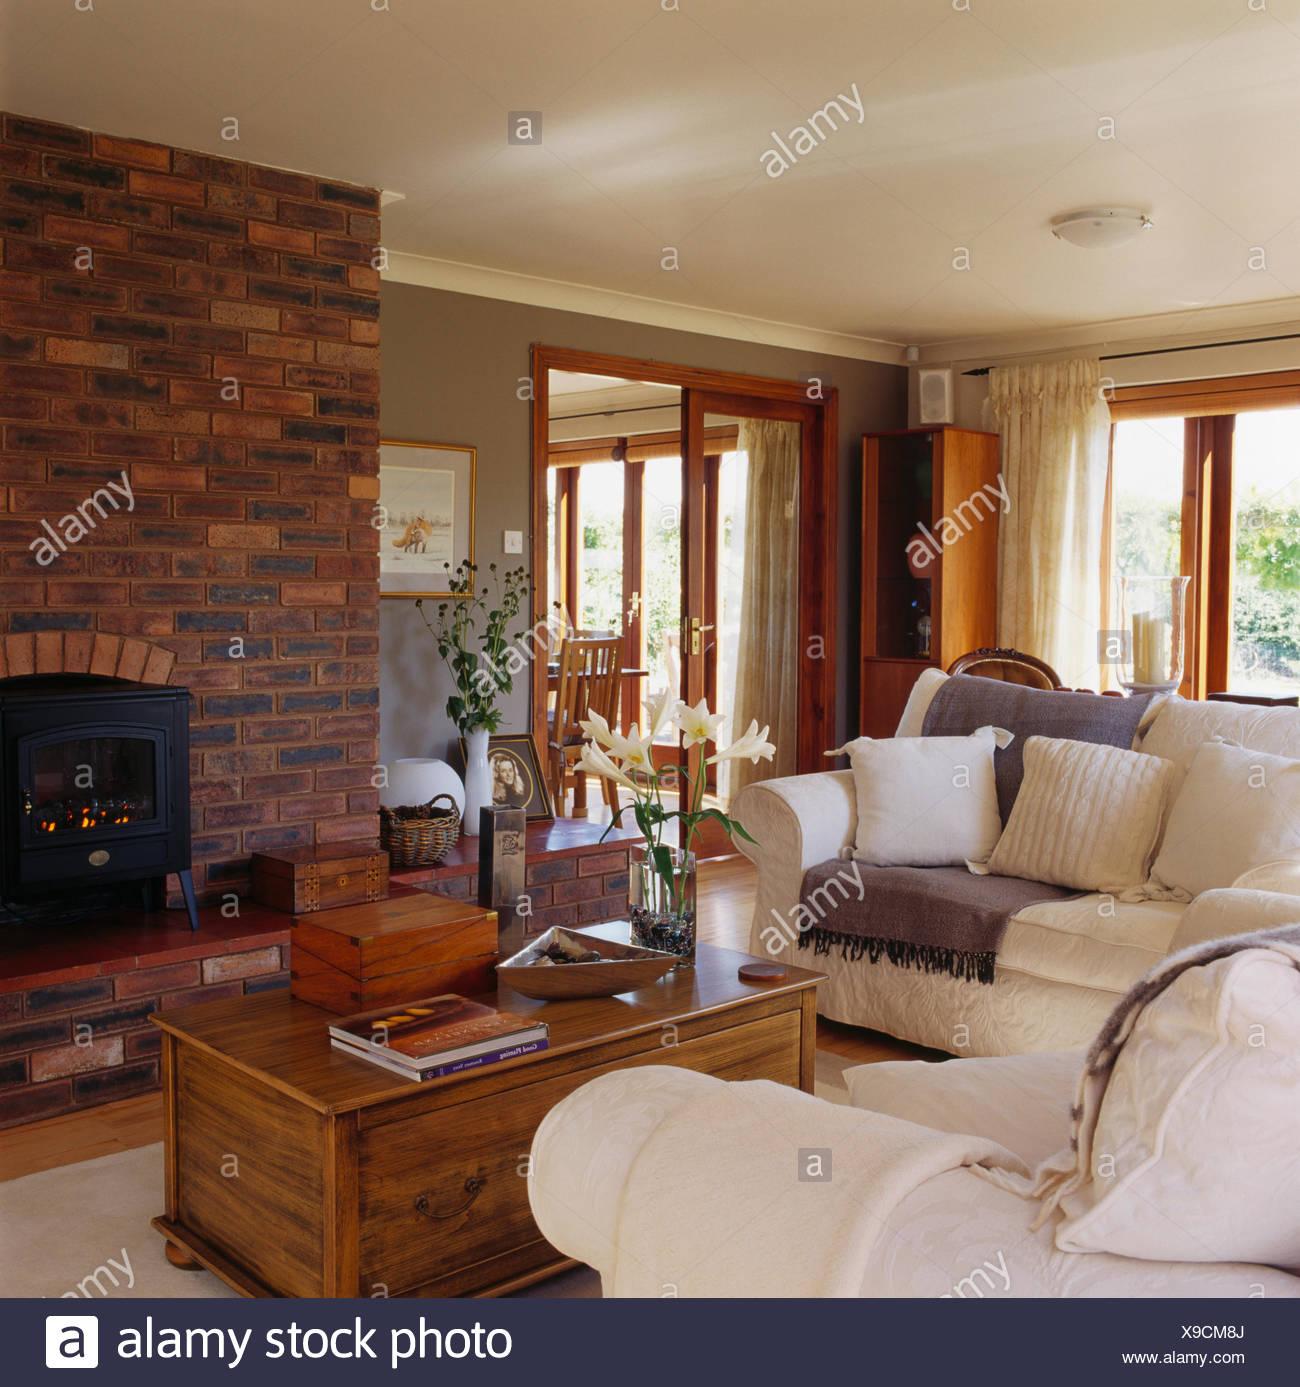 Weiße Sofas Und Alte Kiefer Truhe Kamin Mit Holzofen Ofen In Backstein Wand Moderne  Wohnzimmer